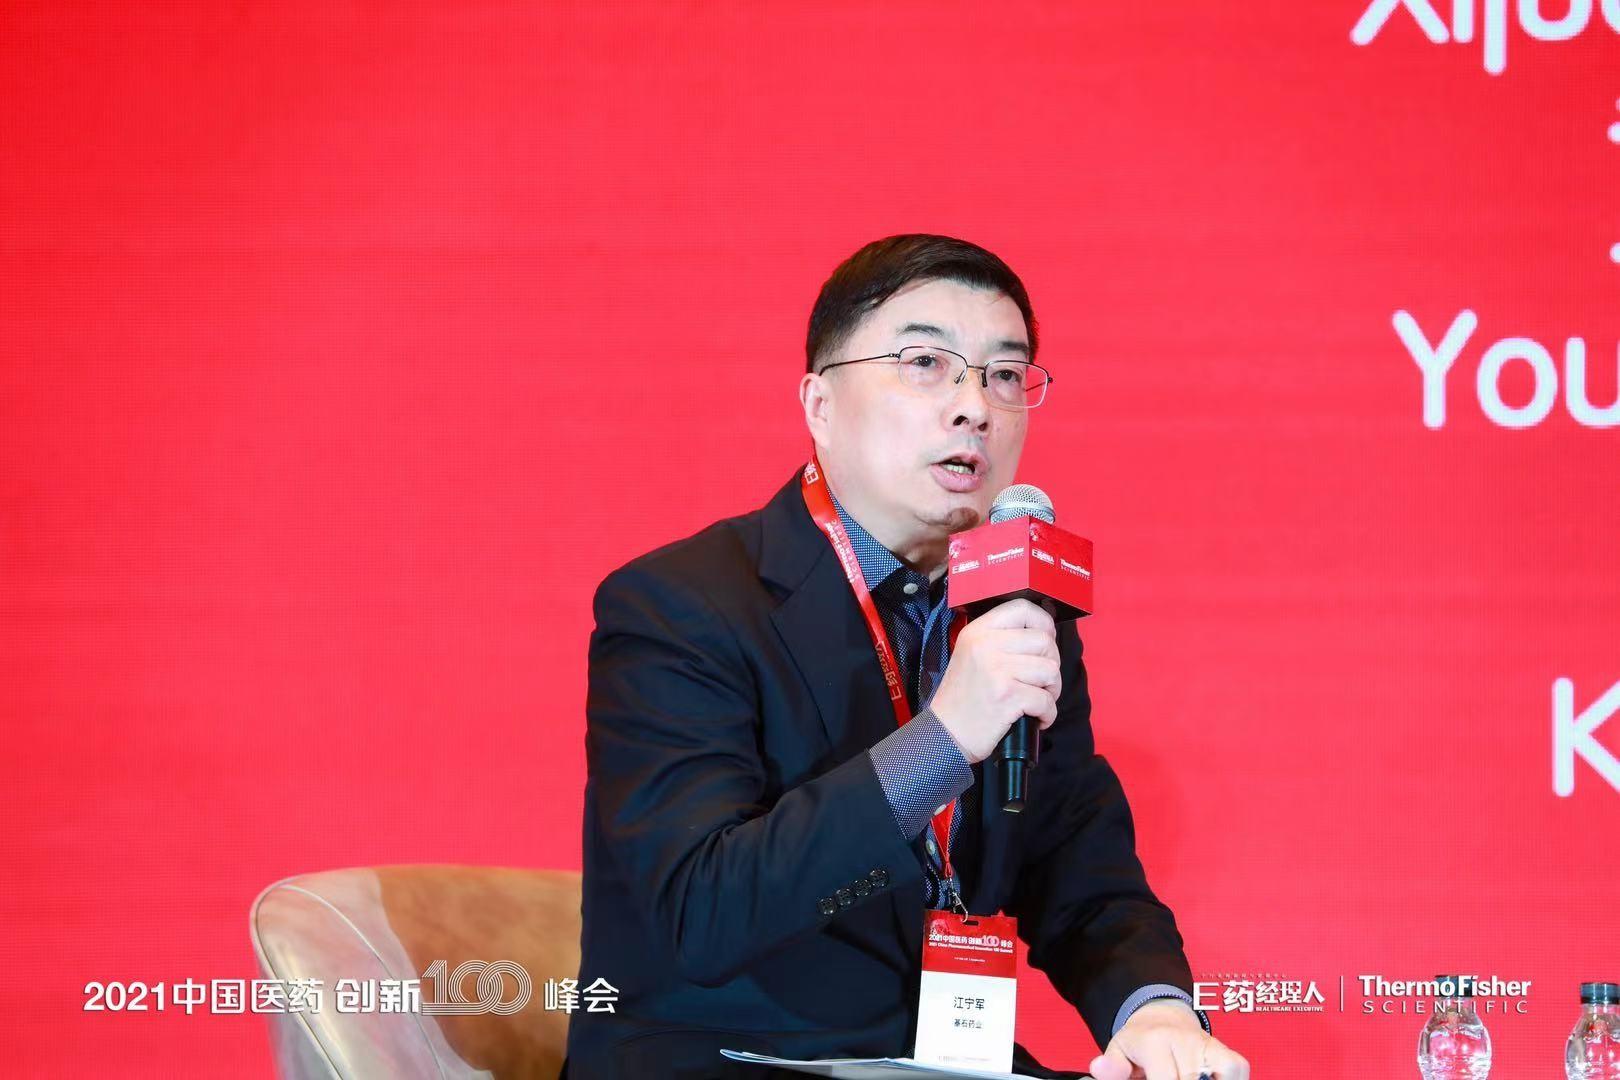 基石药业董事长江宁军博士: 中国创新药企逐步进入收获期,走向国际舞台